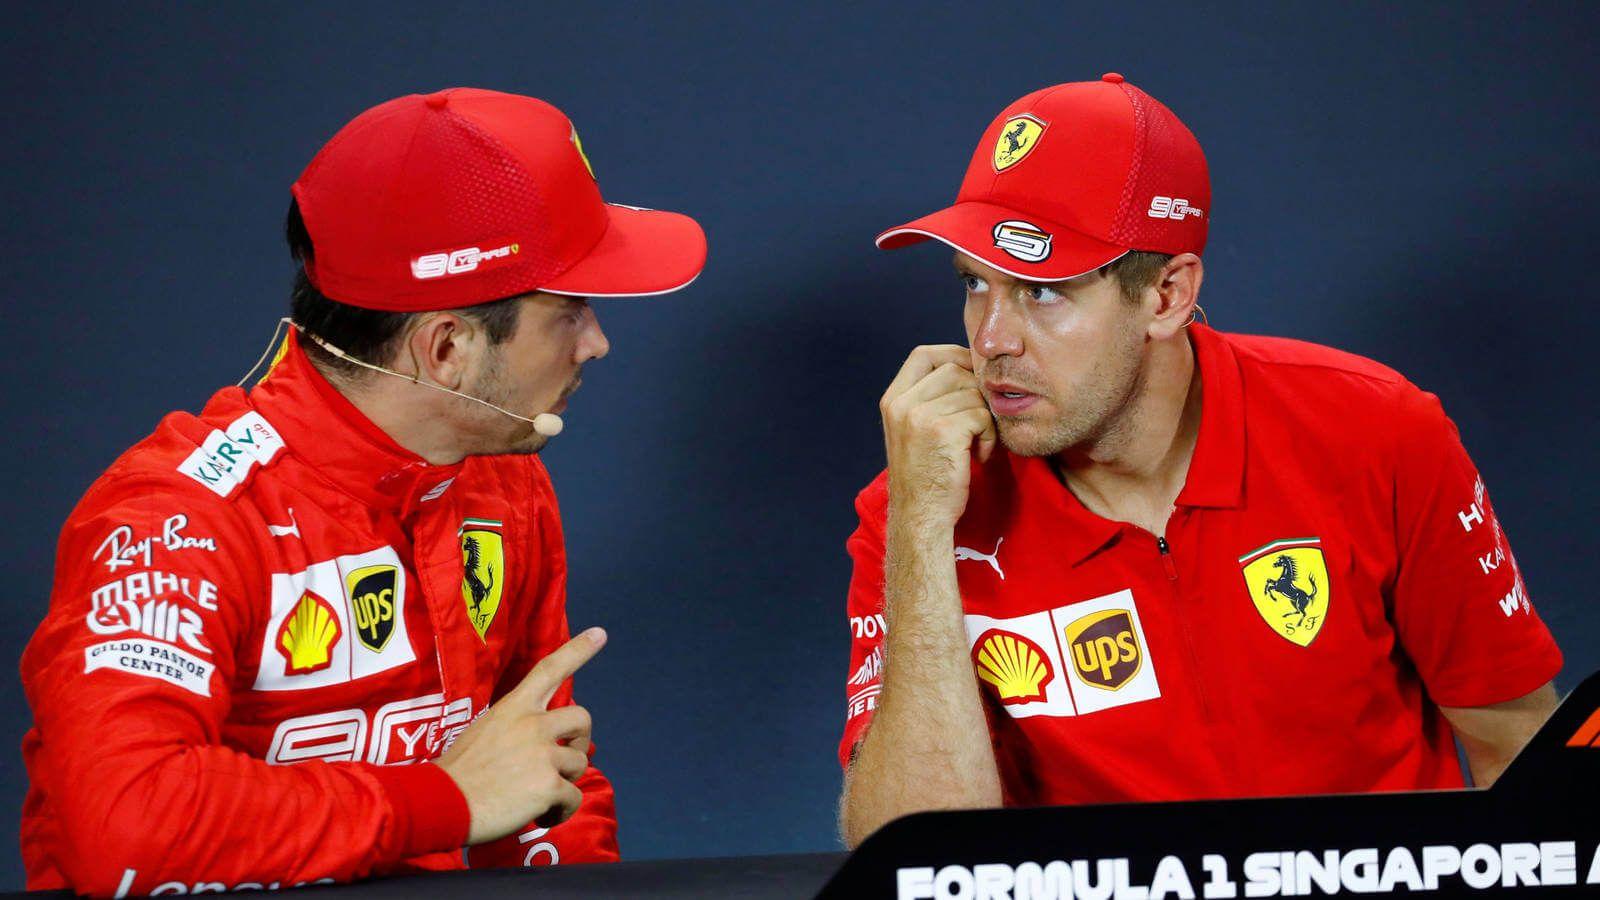 Leclerc confiesa que nunca hubo tensiones con Vettel e incluso lo veía como un hermano mayor en Ferrari